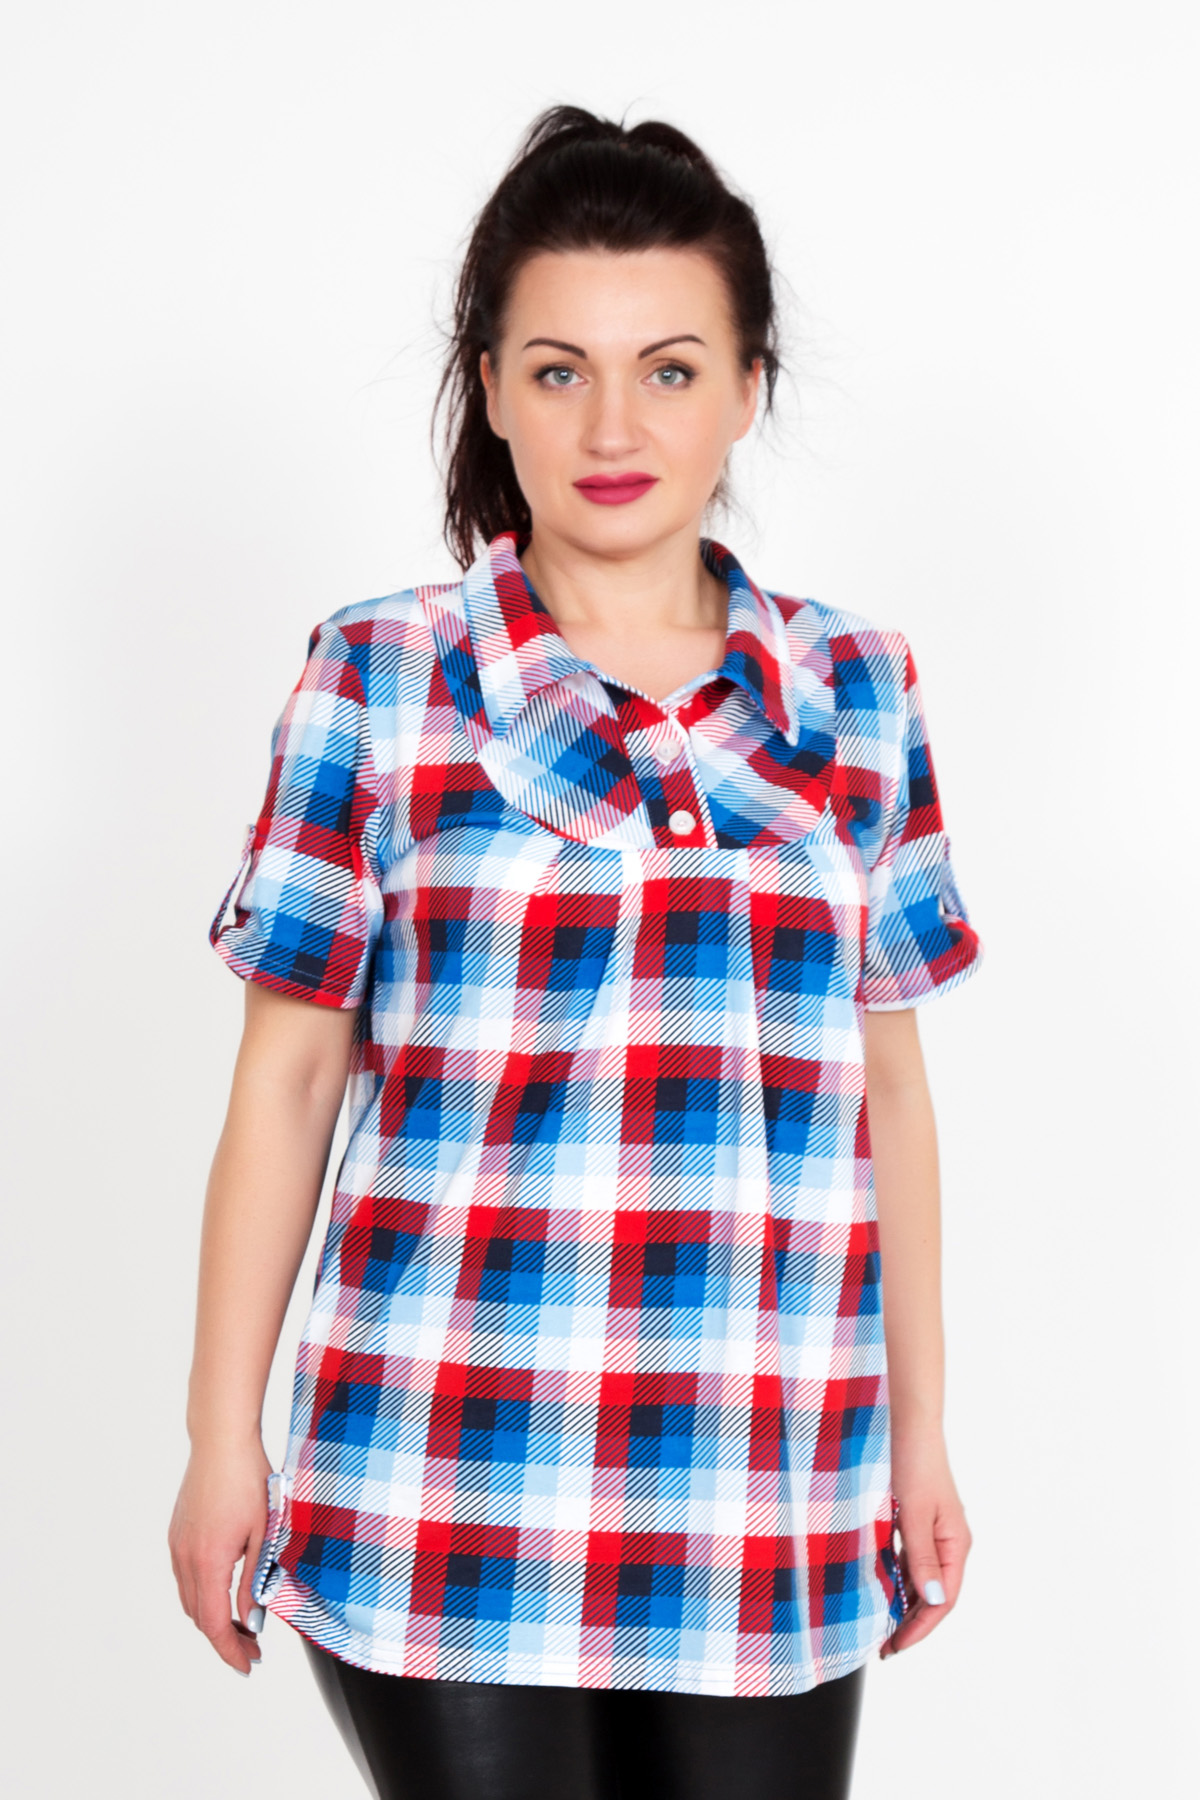 Жен. блуза Юнона Красный р. 52Распродажа женской одежды<br>Обхват груди: 104 см <br>Обхват талии: 85 см <br>Обхват бедер: 112 см <br>Длина по спинке: 72 см <br>Рост: 167 см<br><br>Тип: Жен. блуза<br>Размер: 52<br>Материал: Кулирка